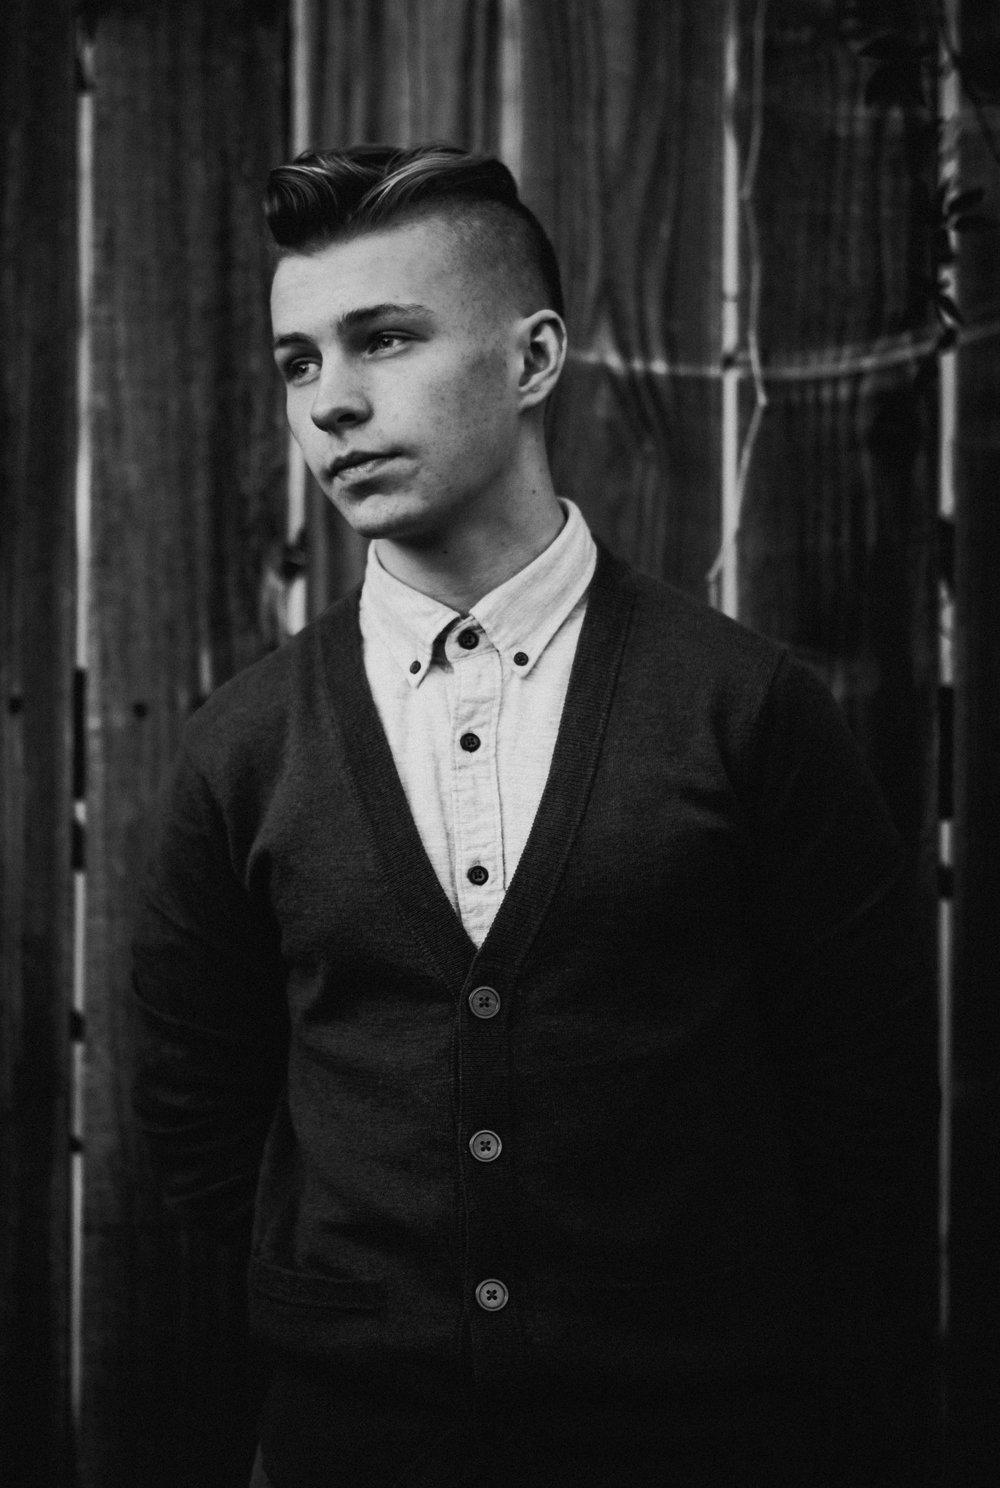 Micah Portrait